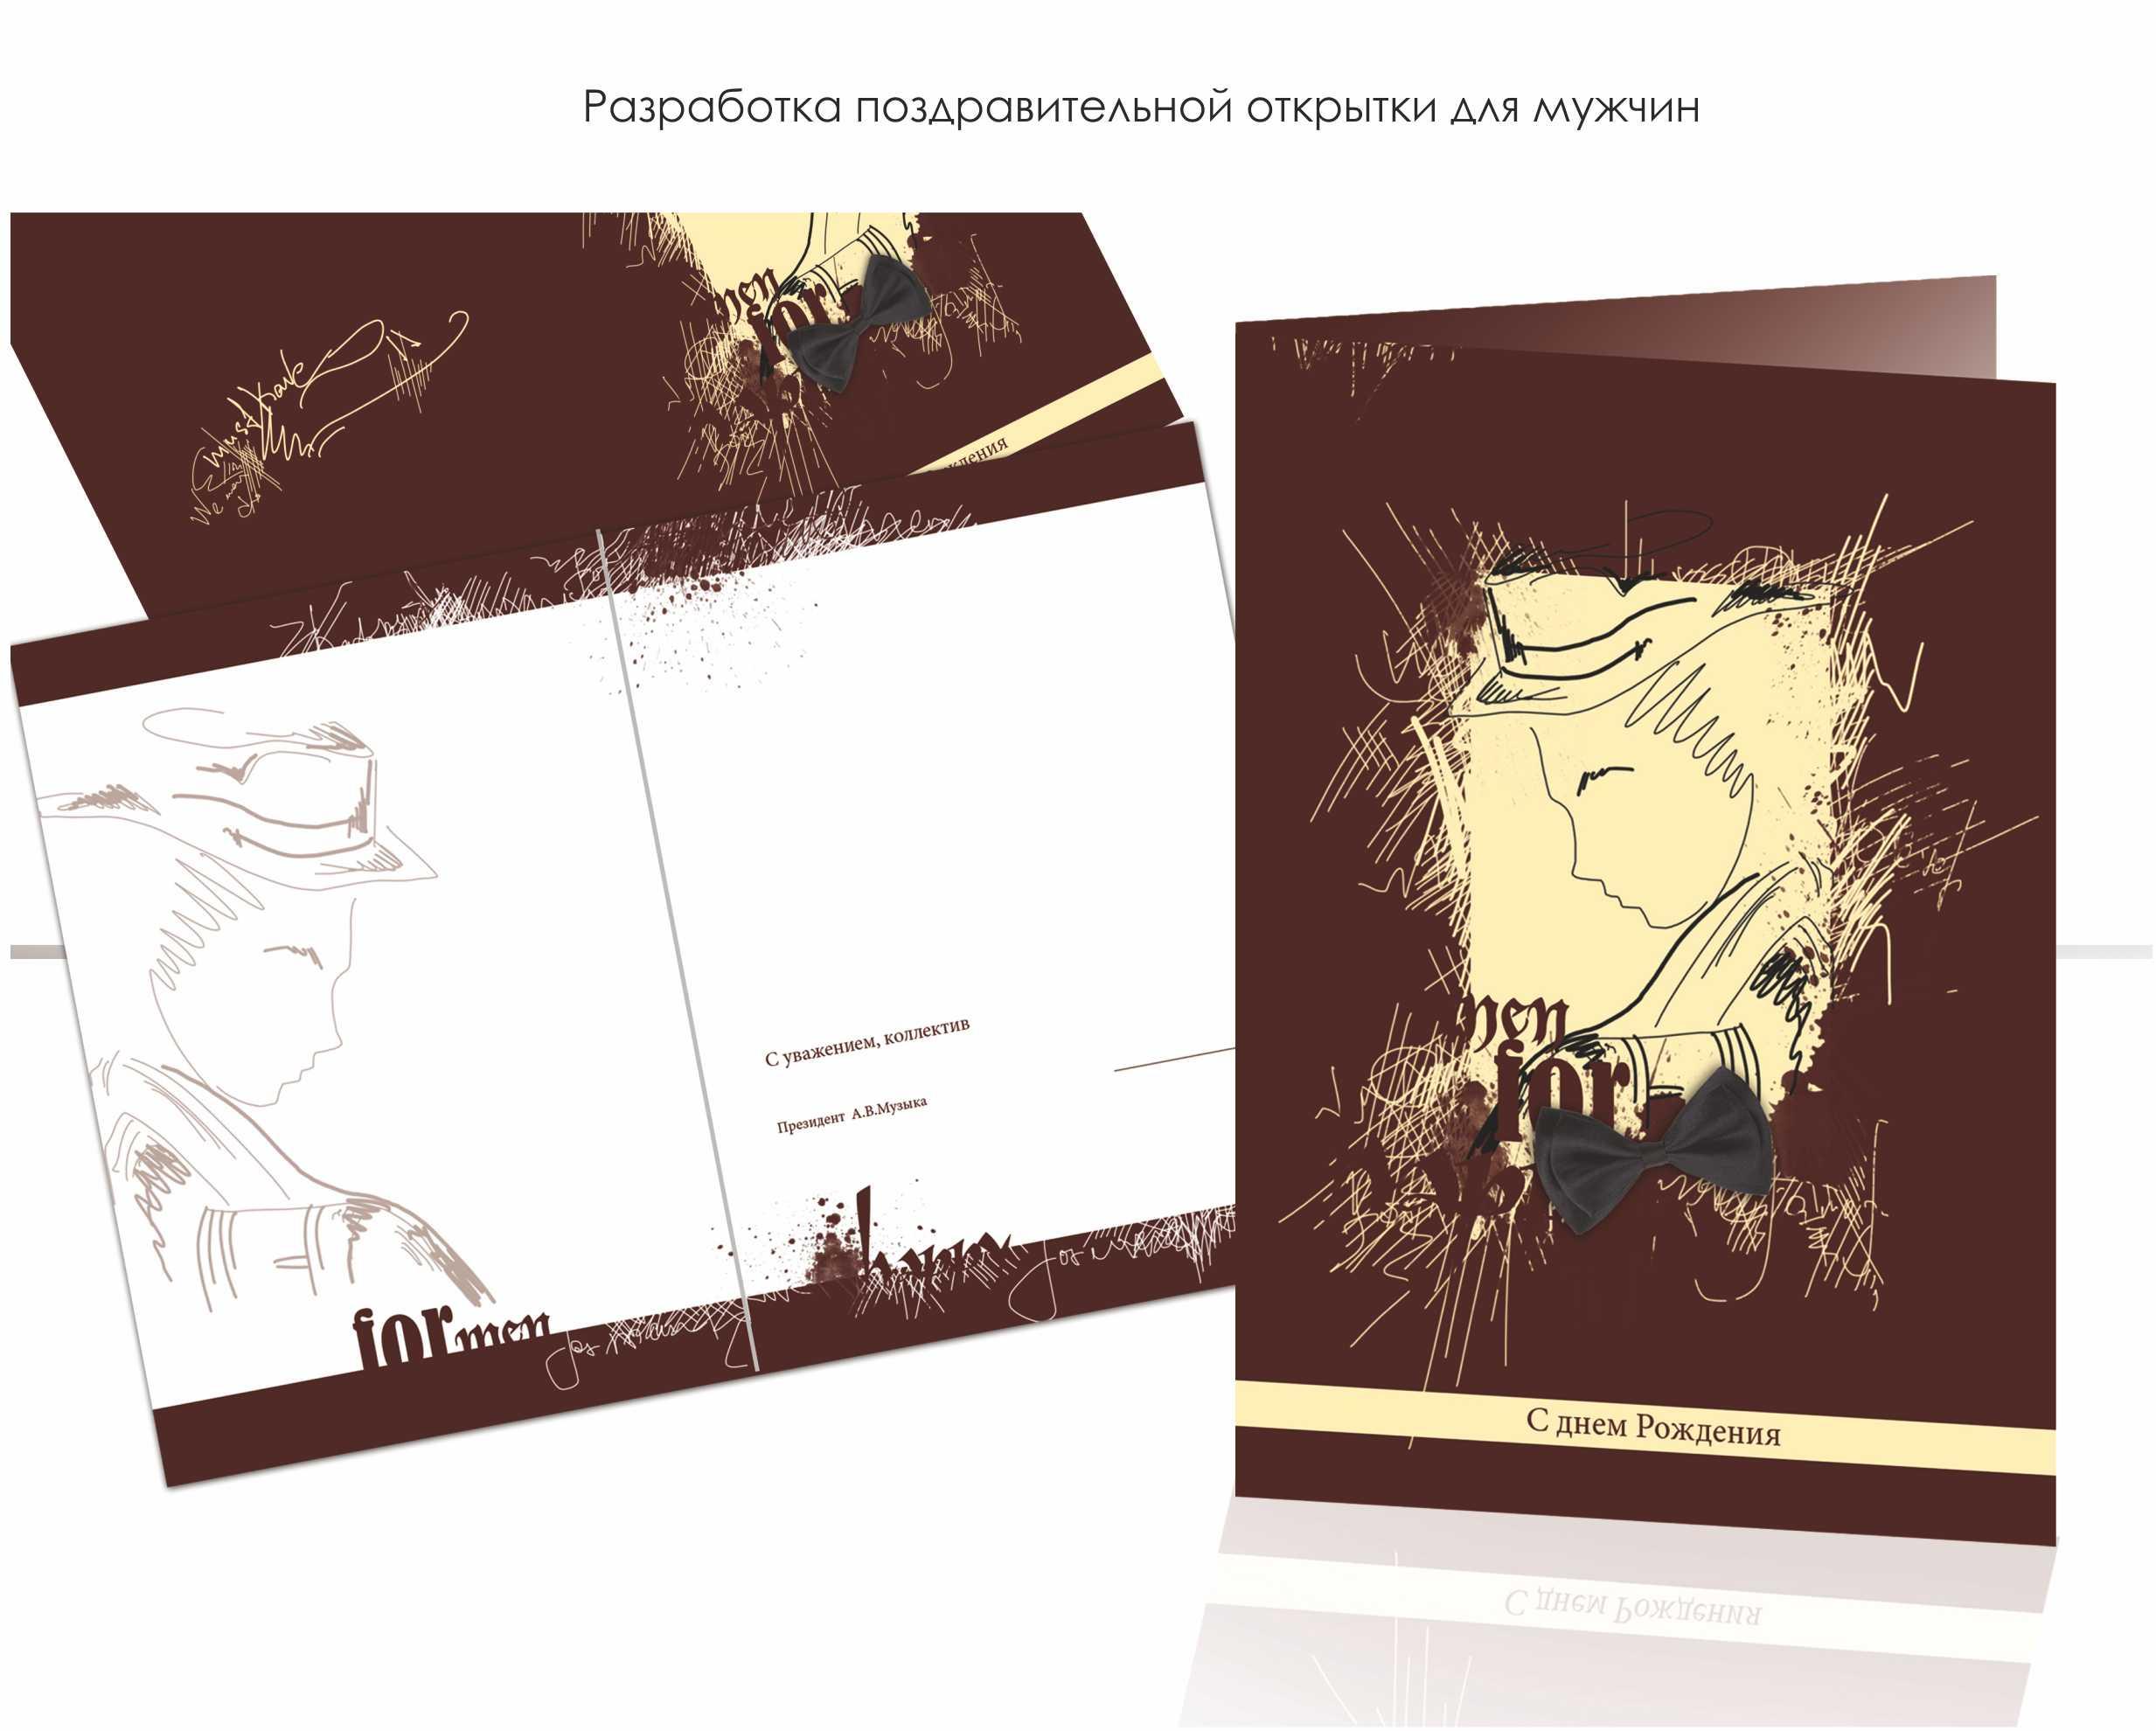 Конкурс дизайна открыток